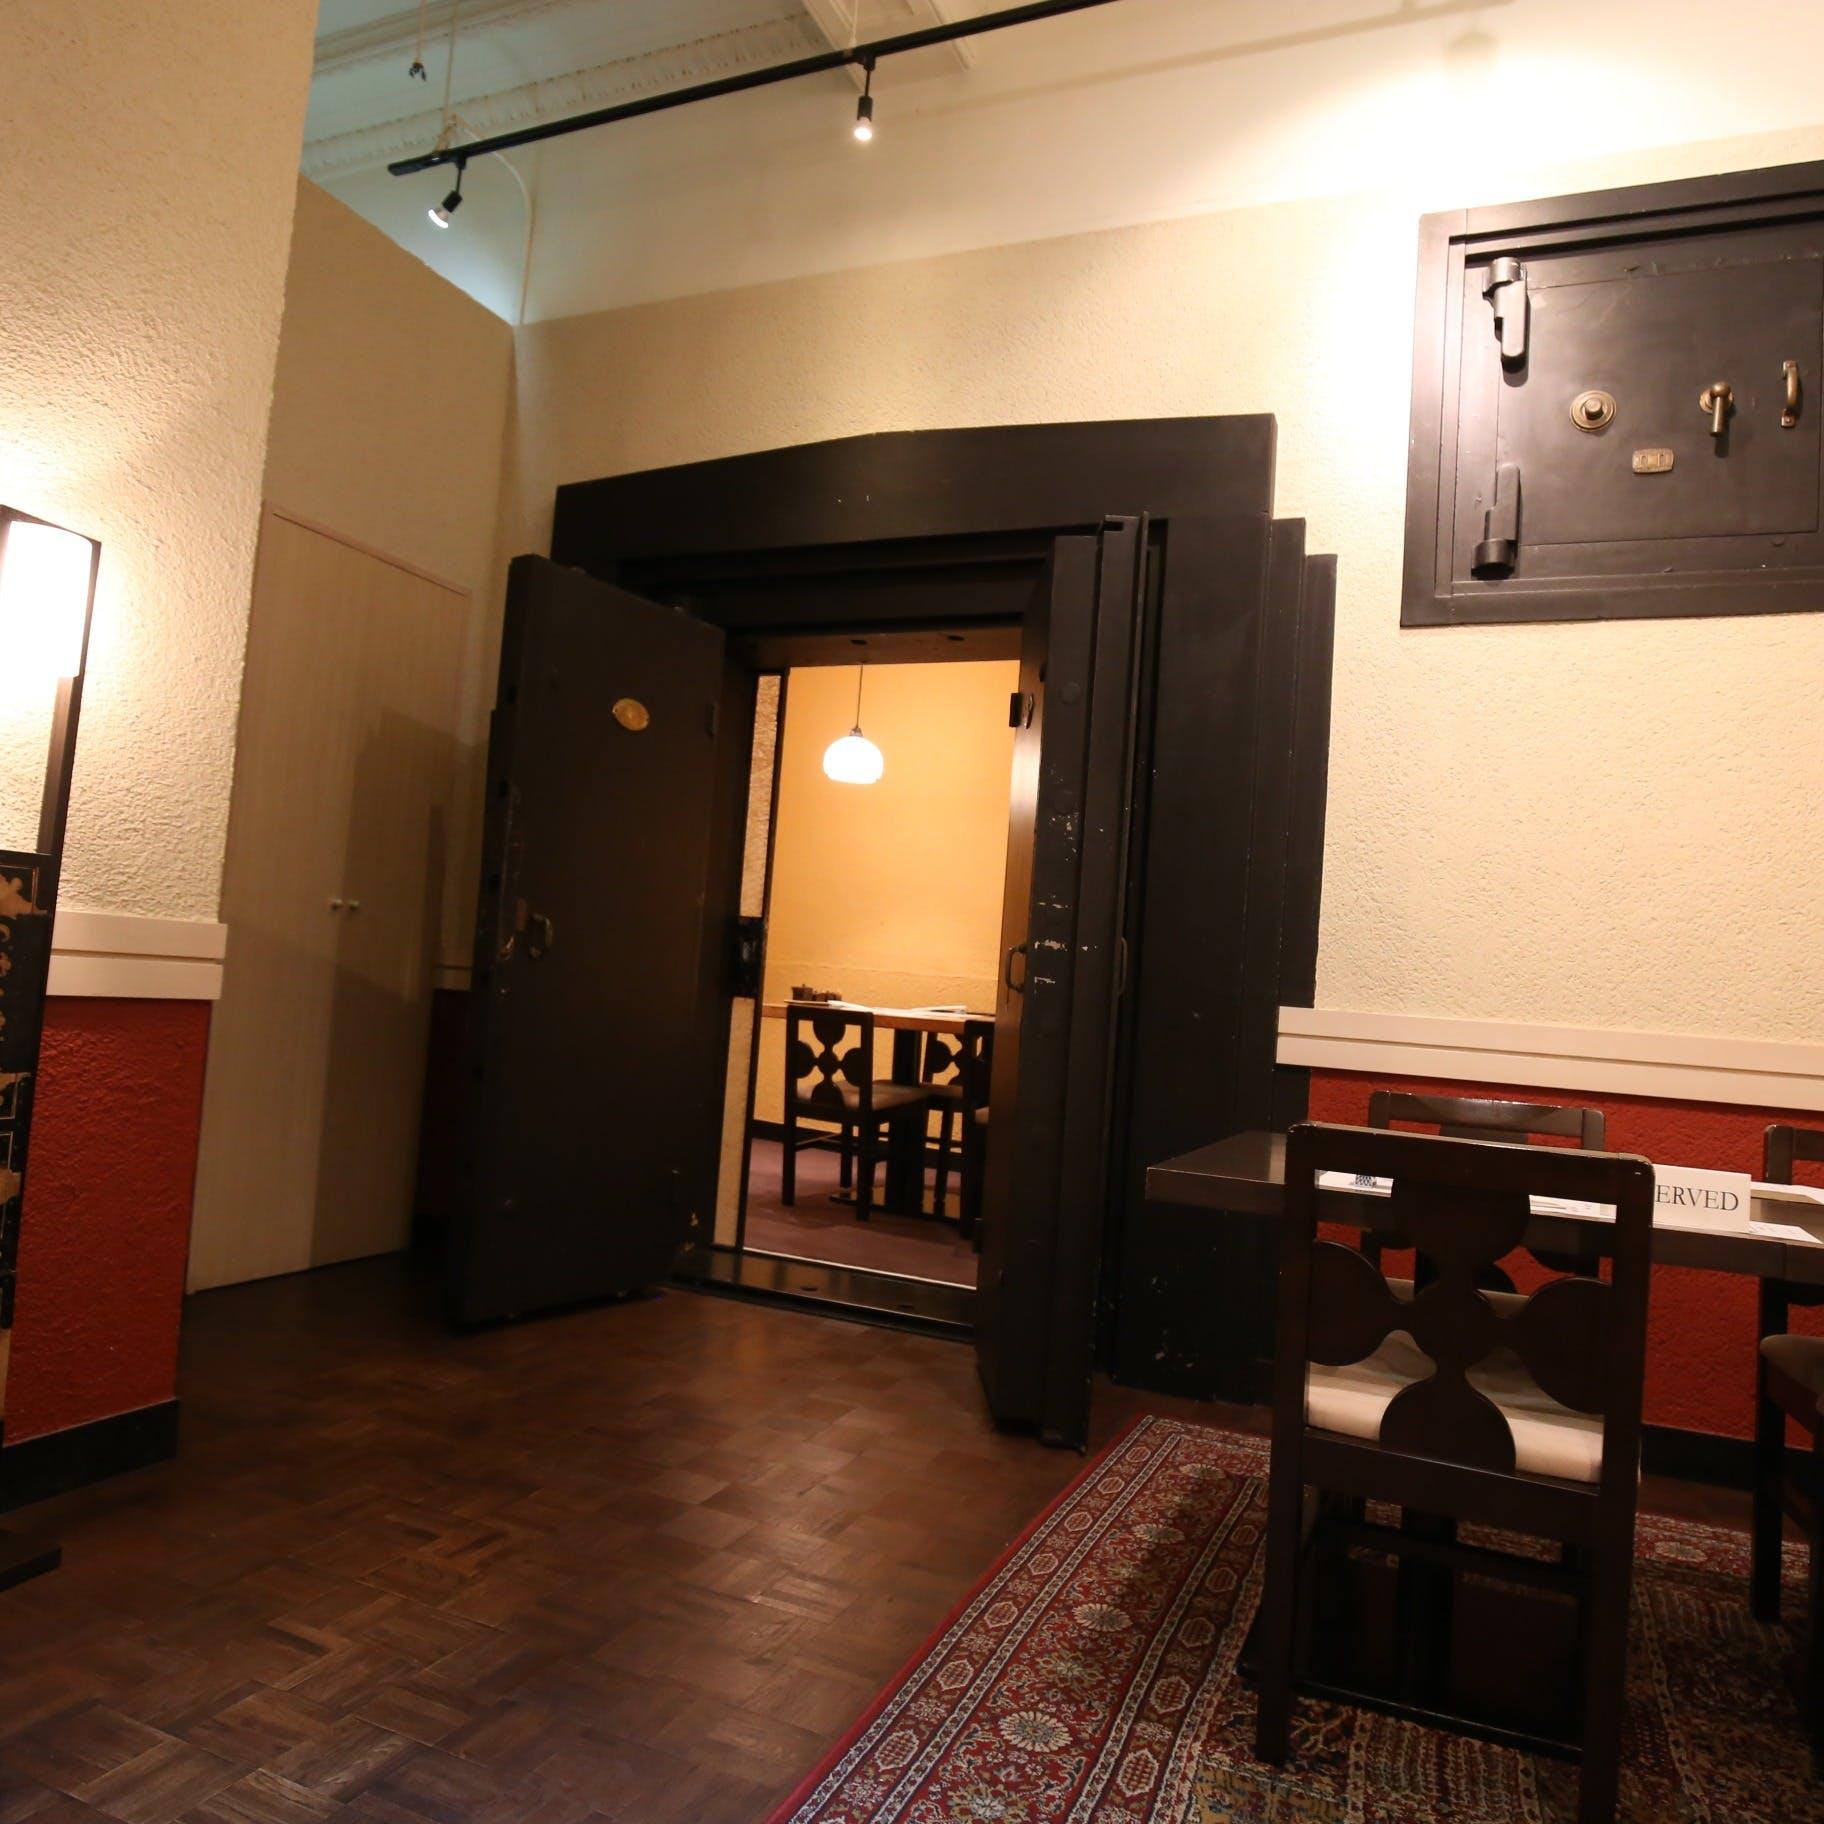 日本最古の金庫メーカー竹内製造の物。金庫室の中で食べる八十八の料理は格別です。